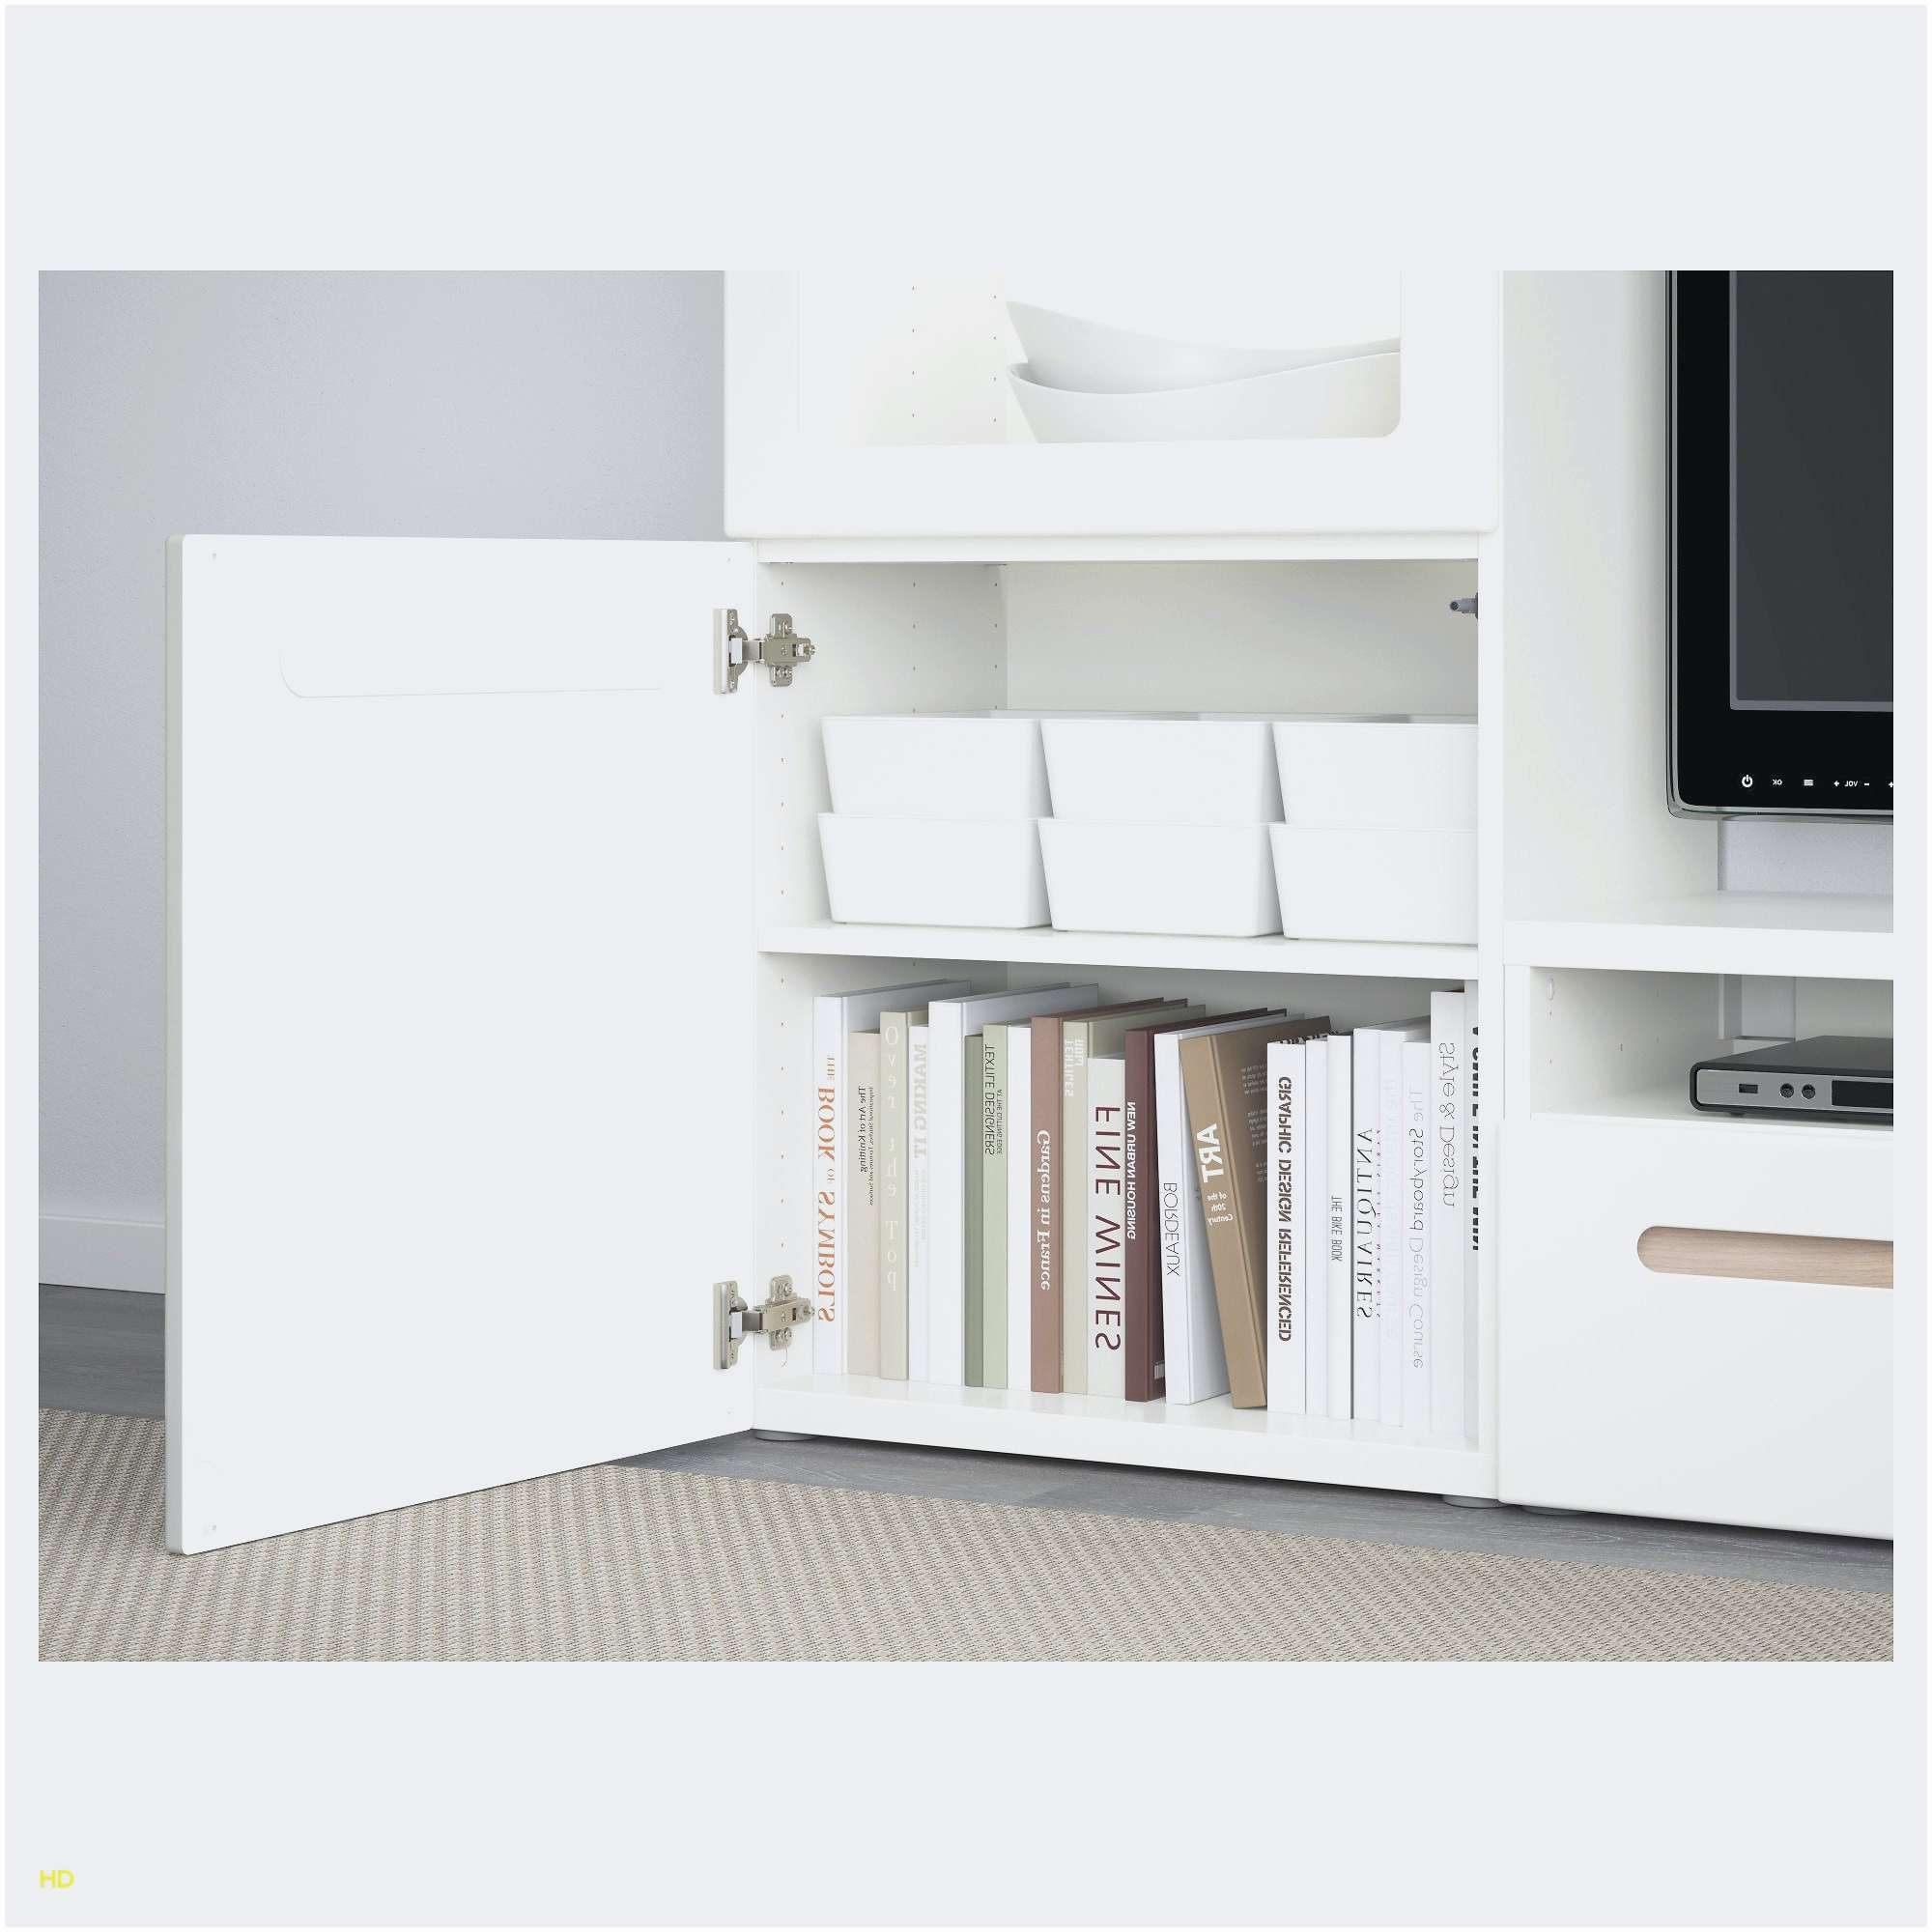 Lit Ikea Rangement Nouveau Le Meilleur De Banc Avec Rangement Ikea Hemnes Hattehylde Hvid 85 Cm